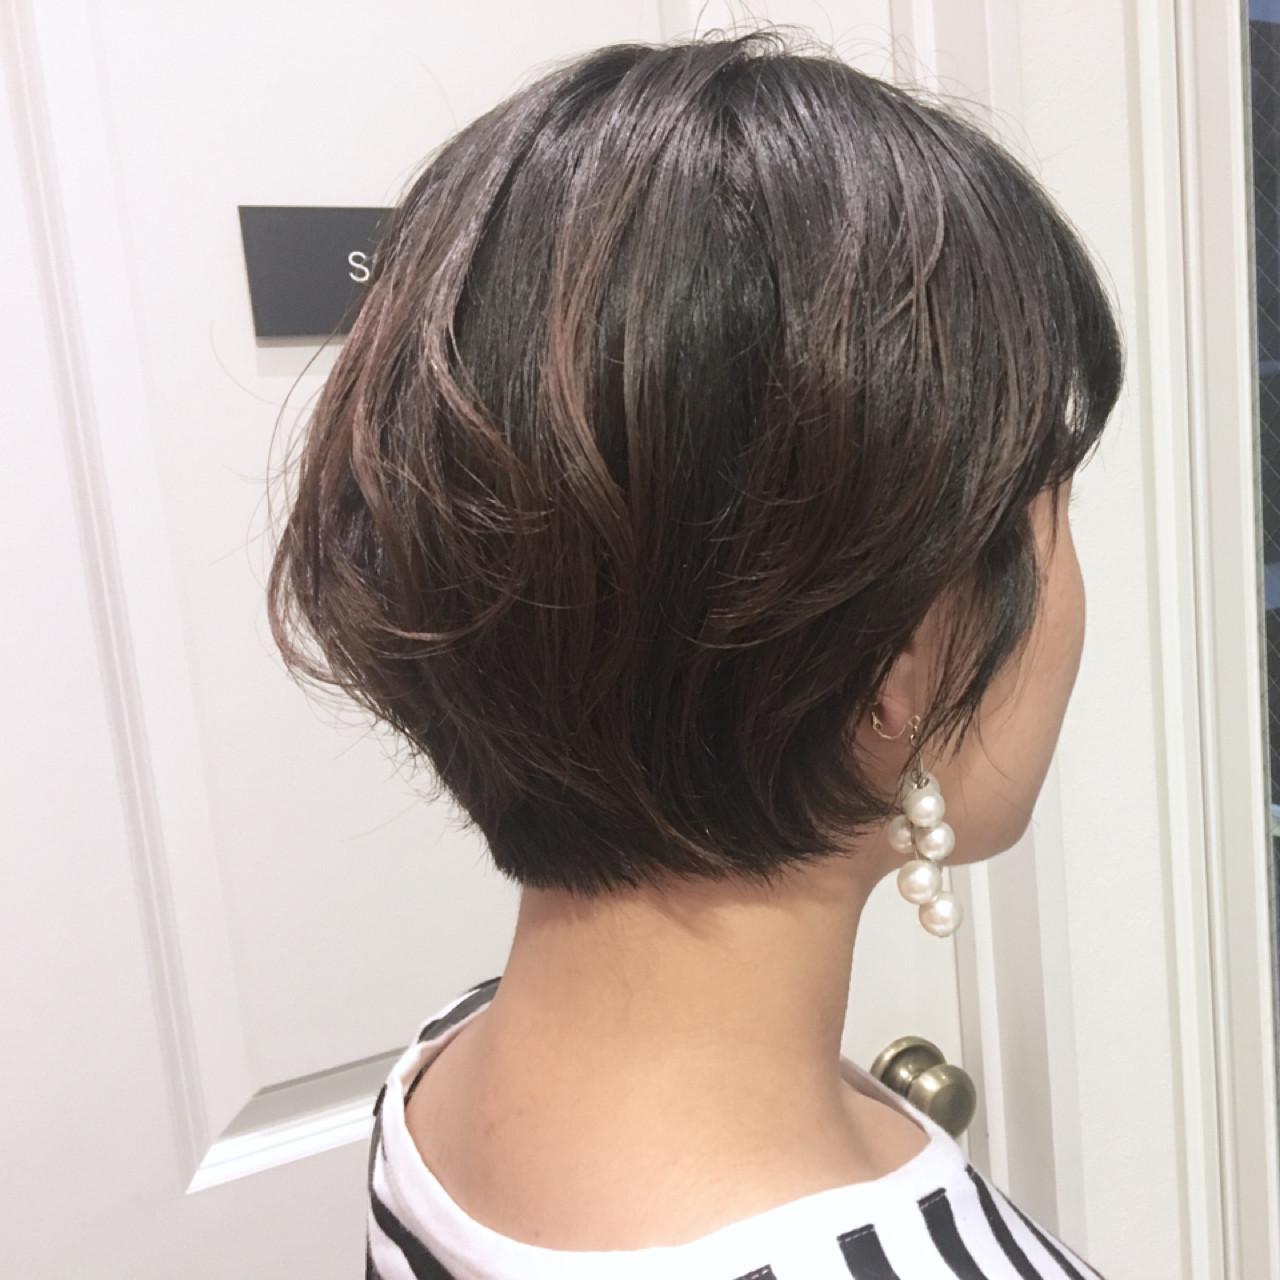 ナチュラル ショート 無造作 ヘアアレンジ ヘアスタイルや髪型の写真・画像 | MIURA / Kona大名